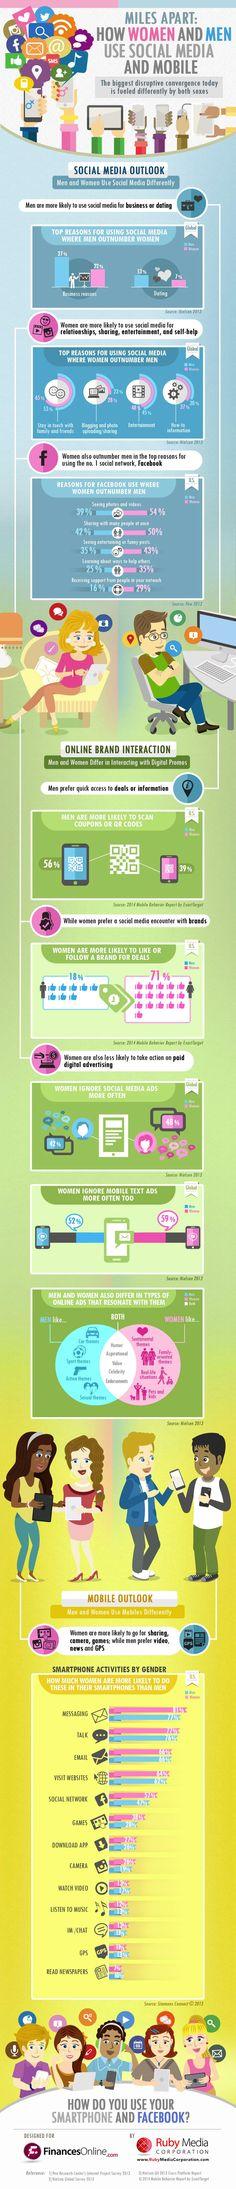 #Infografik: #SocialMedia Nutzungsstatistiken von Männern und Frauen im Vergleich in einer aktuellen Studie #SMM